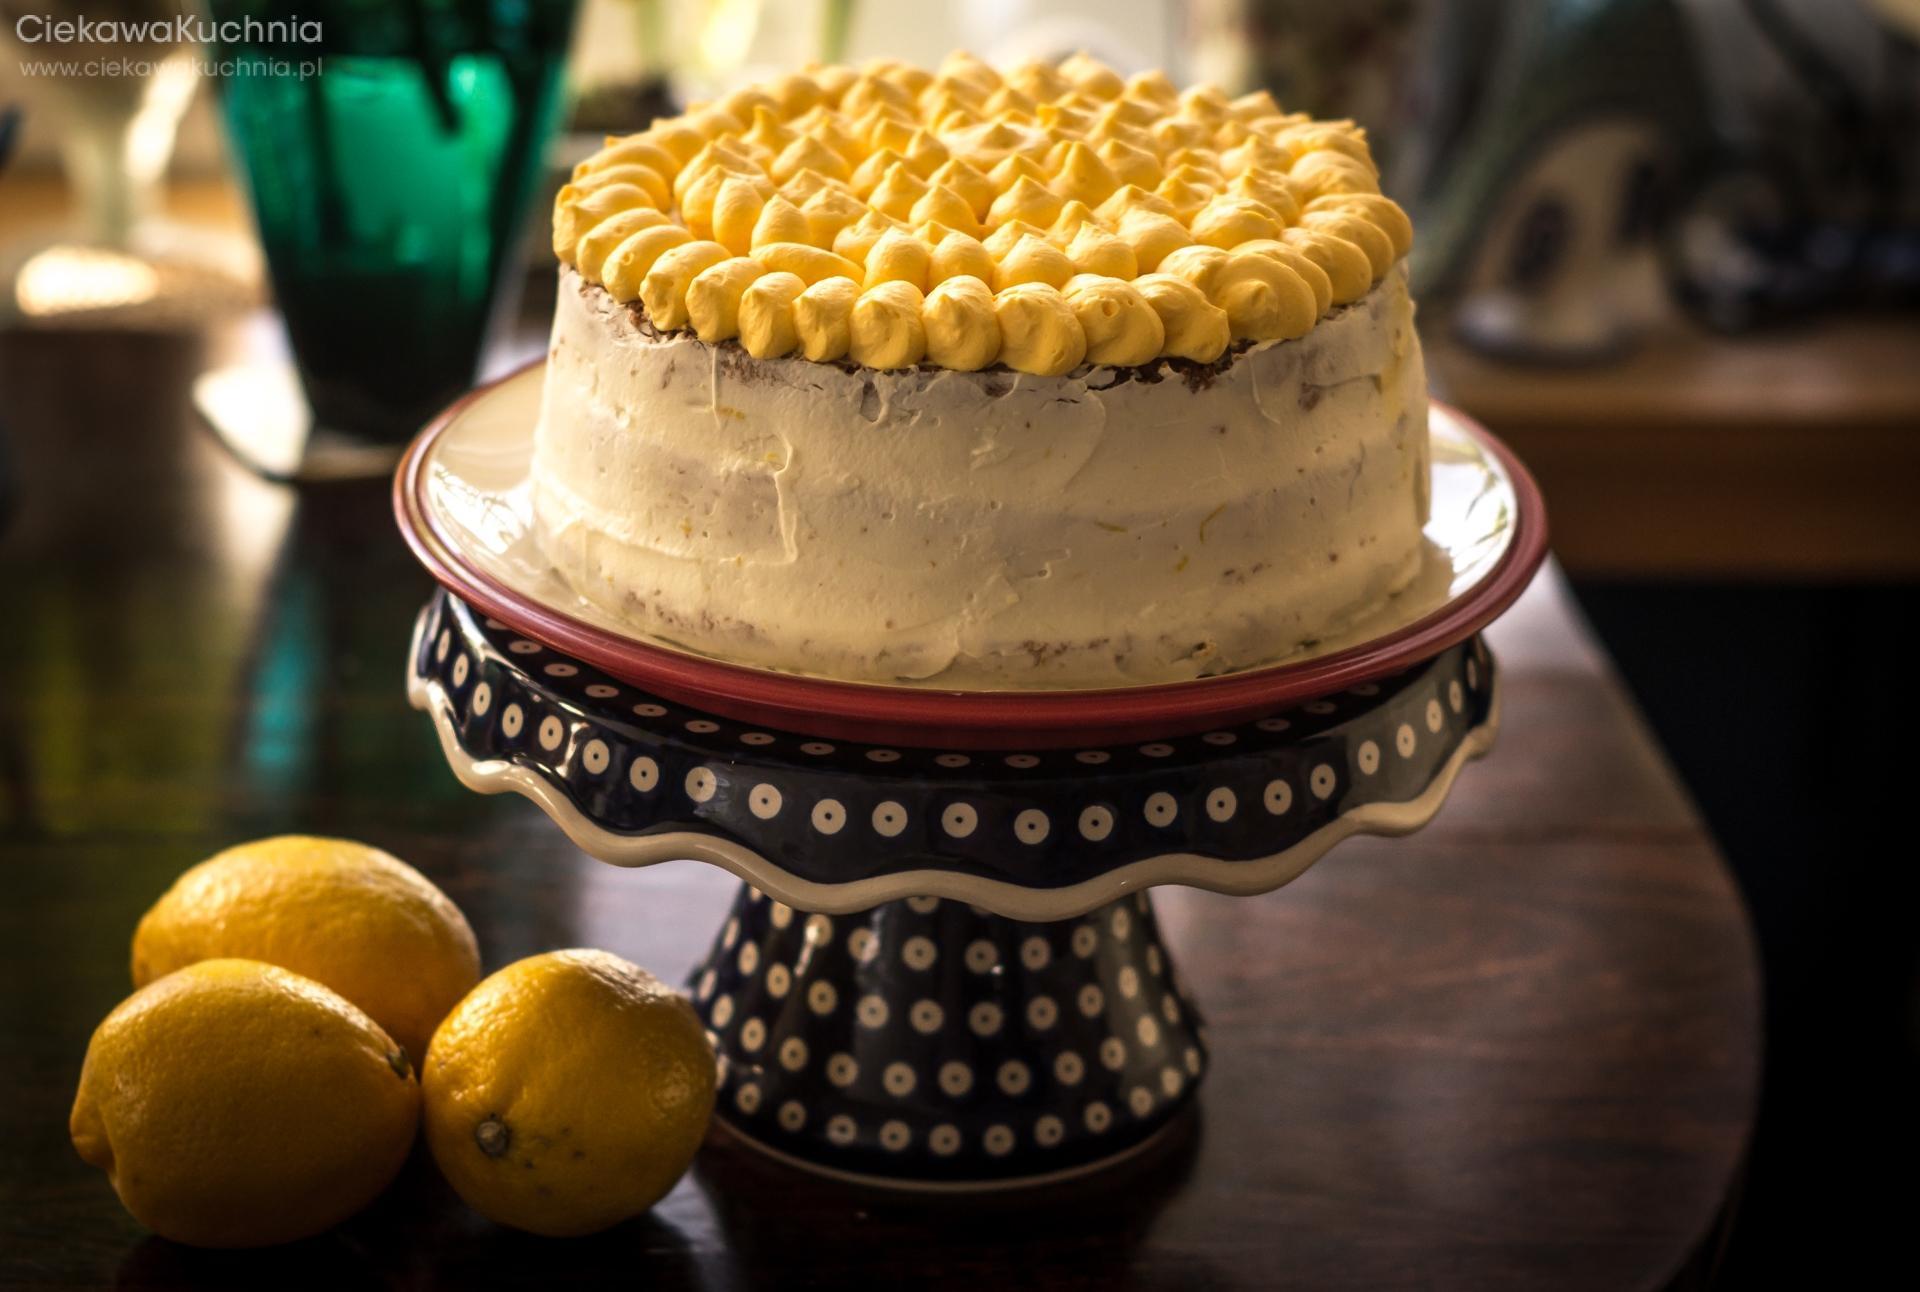 Wiosenny Tort Cytrynowy